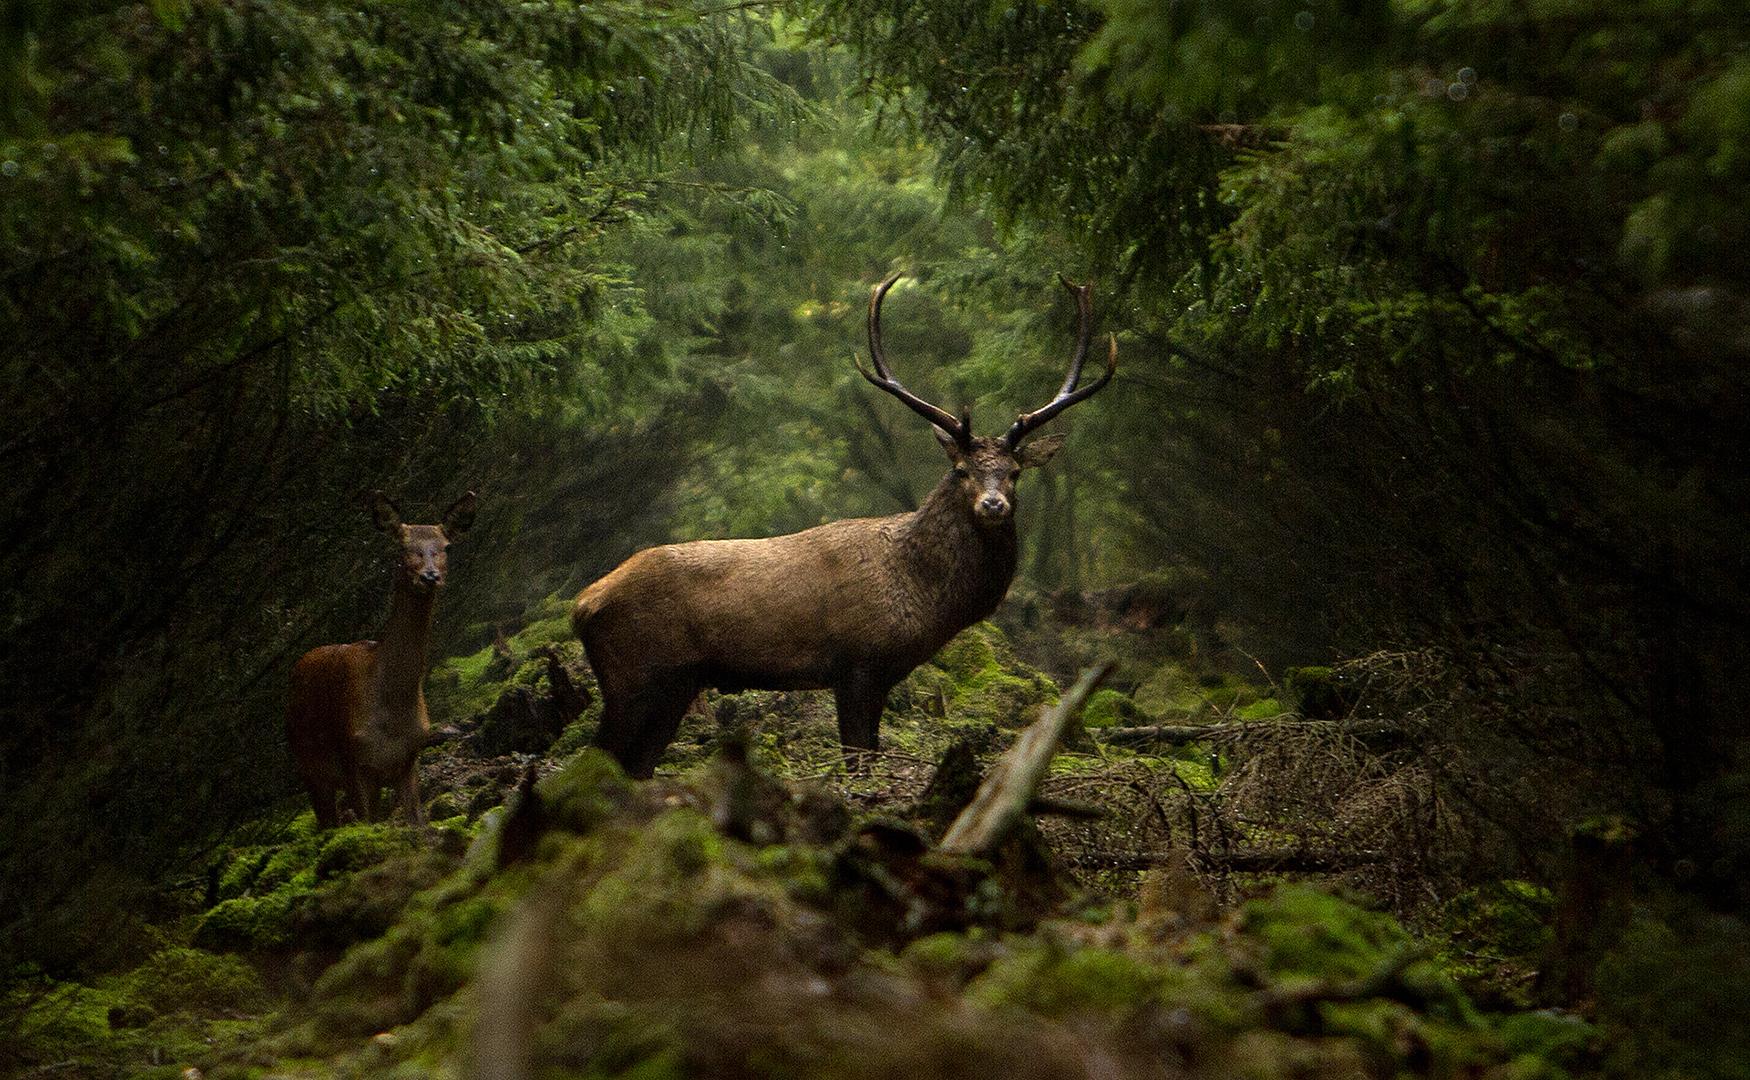 Deer 5, Jørgen Kristensen